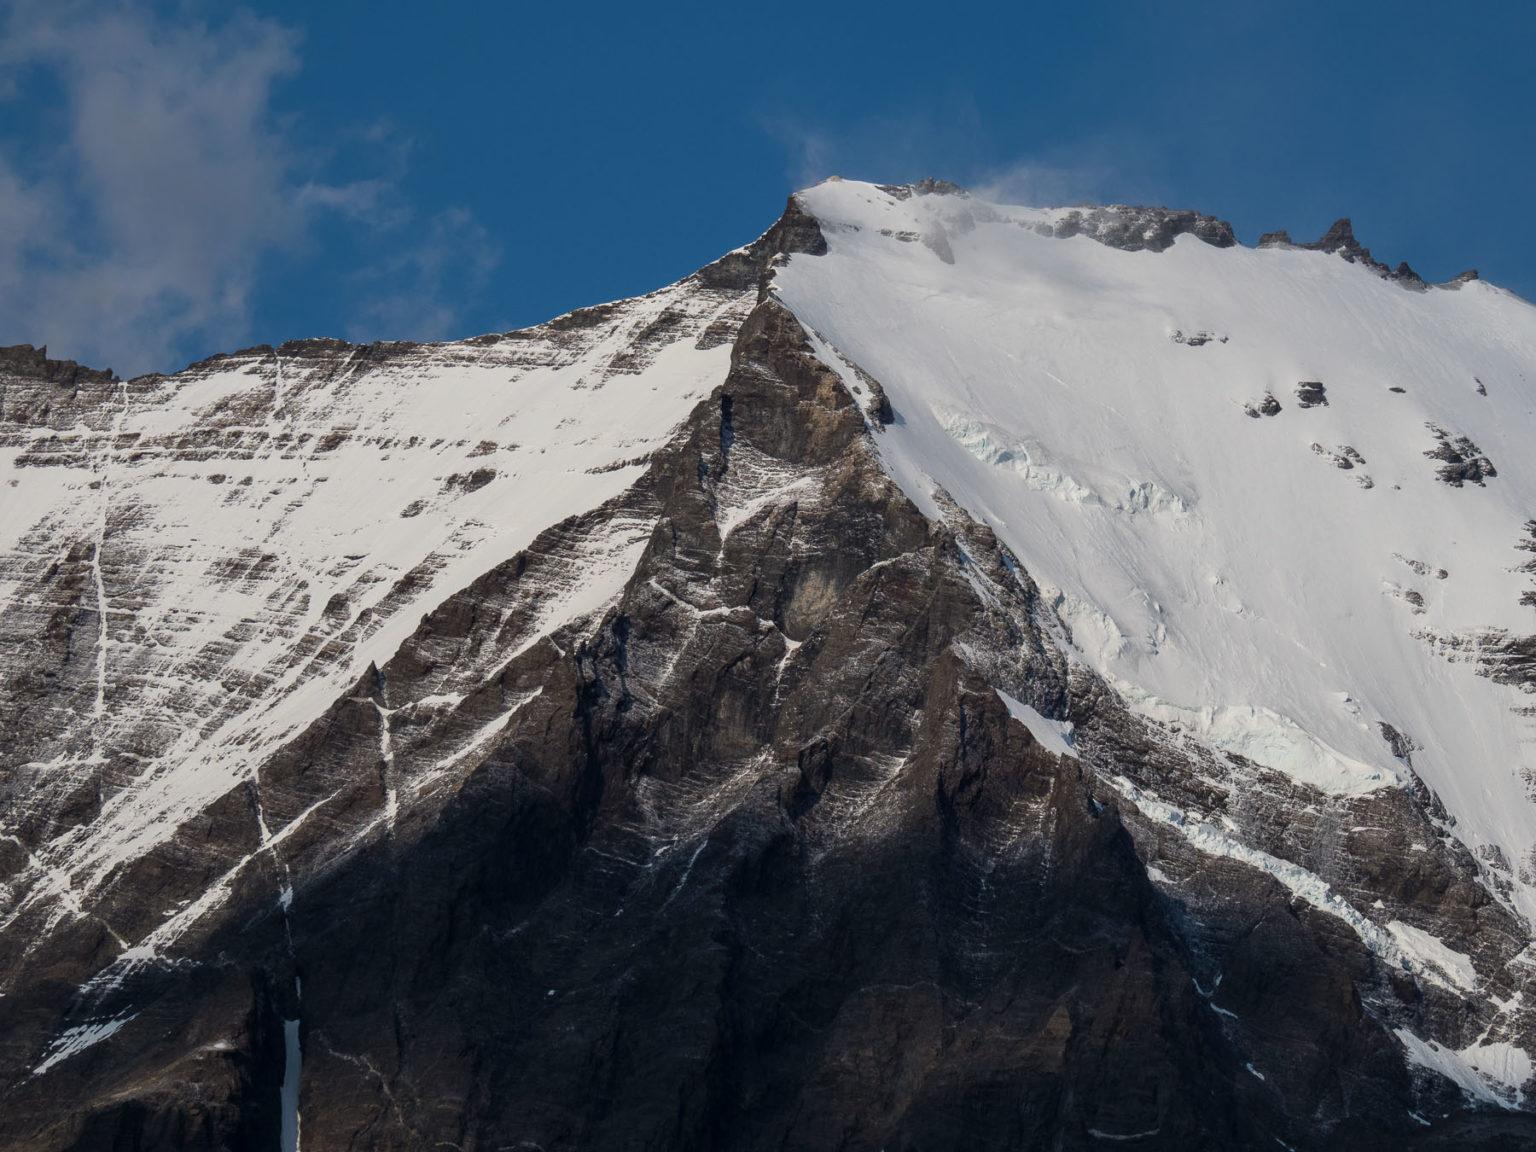 Obwohl Hochsommer, liegt noch einiges an Schnee auf den Bergen